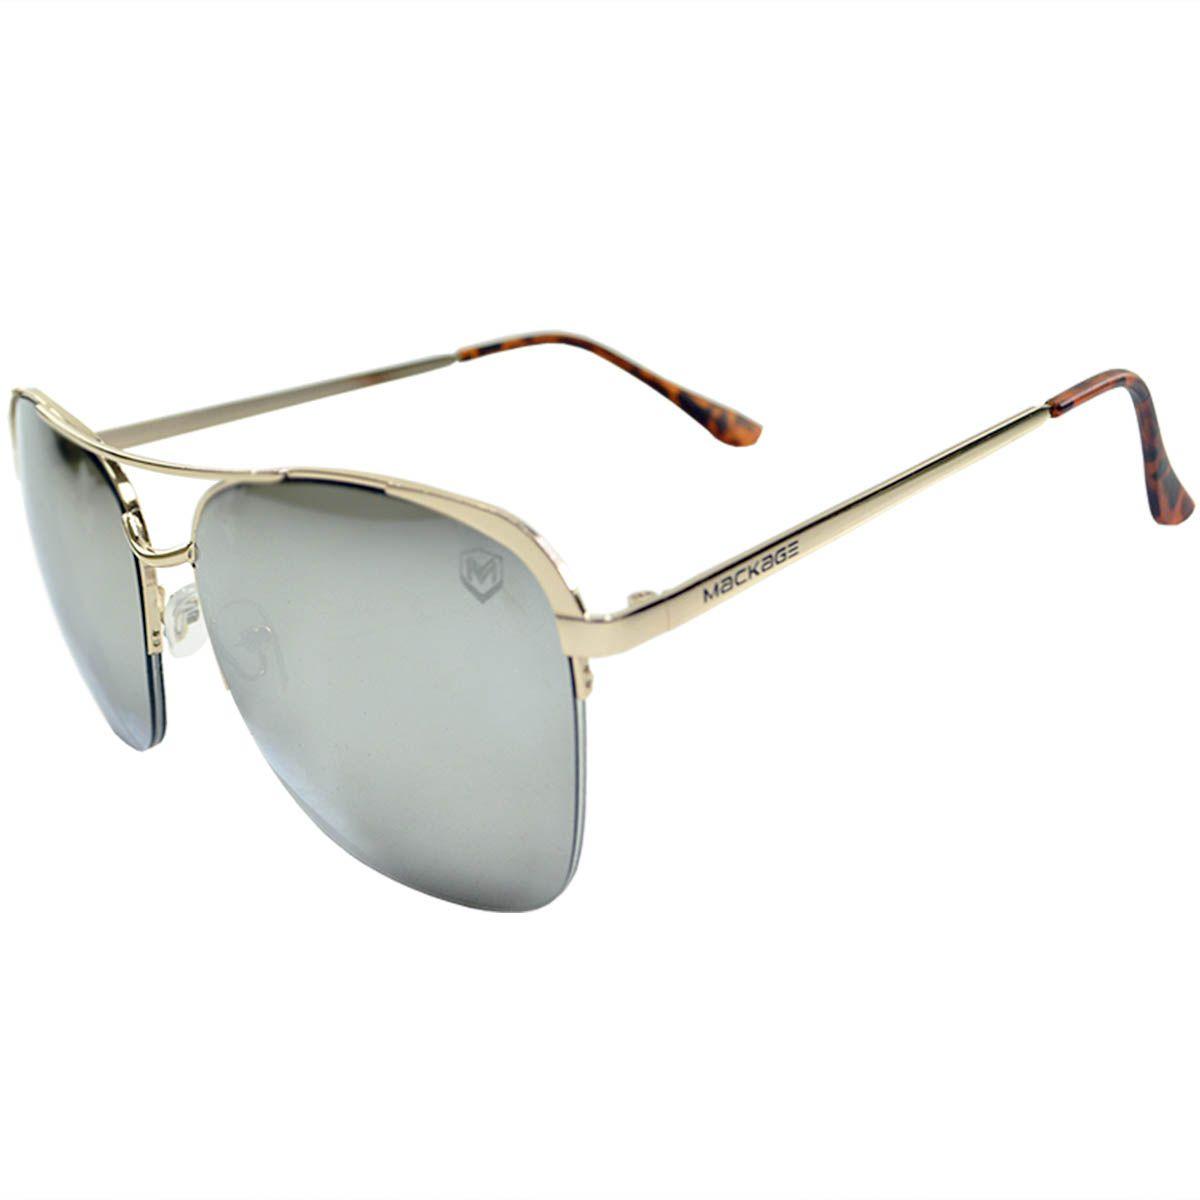 Óculos De Sol Mackage Aviador Mk1010-4 Prata - OUTLET / PEQUENOS DEFEITOS